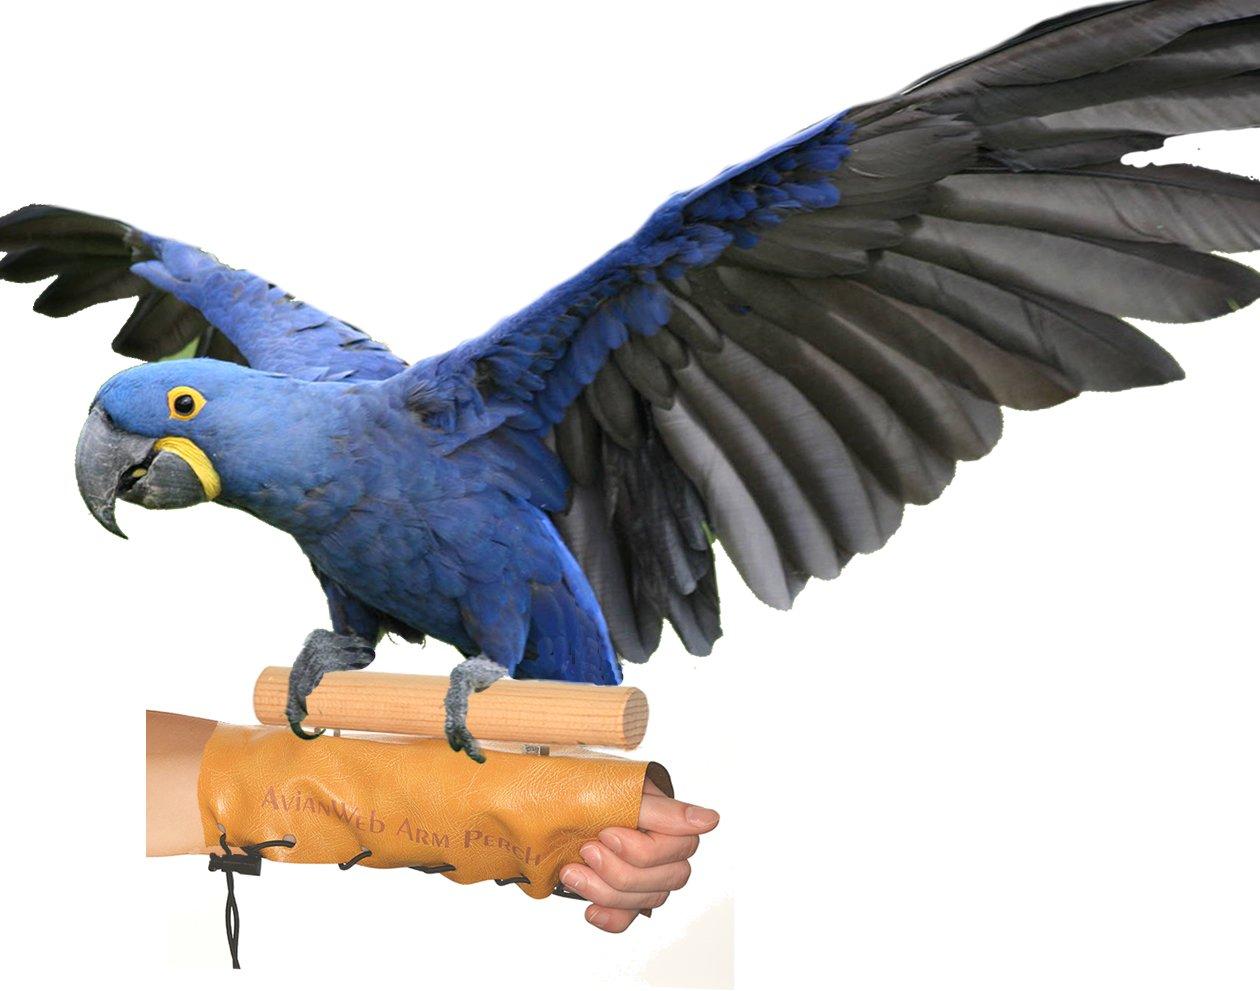 Avianweb Arm & Hand Perch (Jumbo (2'' Dowel)) by Avianweb